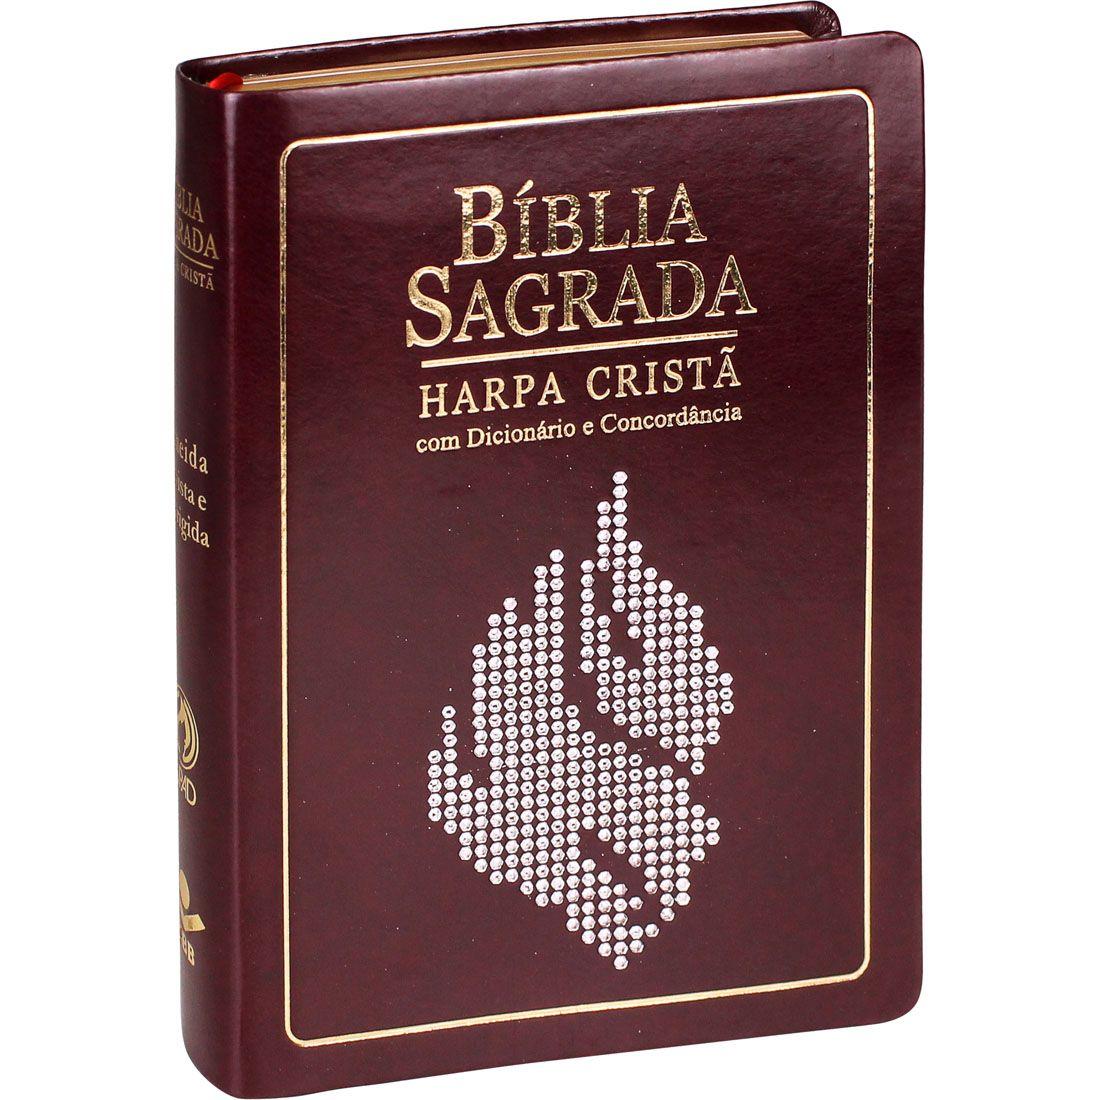 Bíblia Sagrada Letras Grande Harpa Índice Dicionário Concordância Palavras Jesus Em Vermelho Marrom Nobre Com Pedras